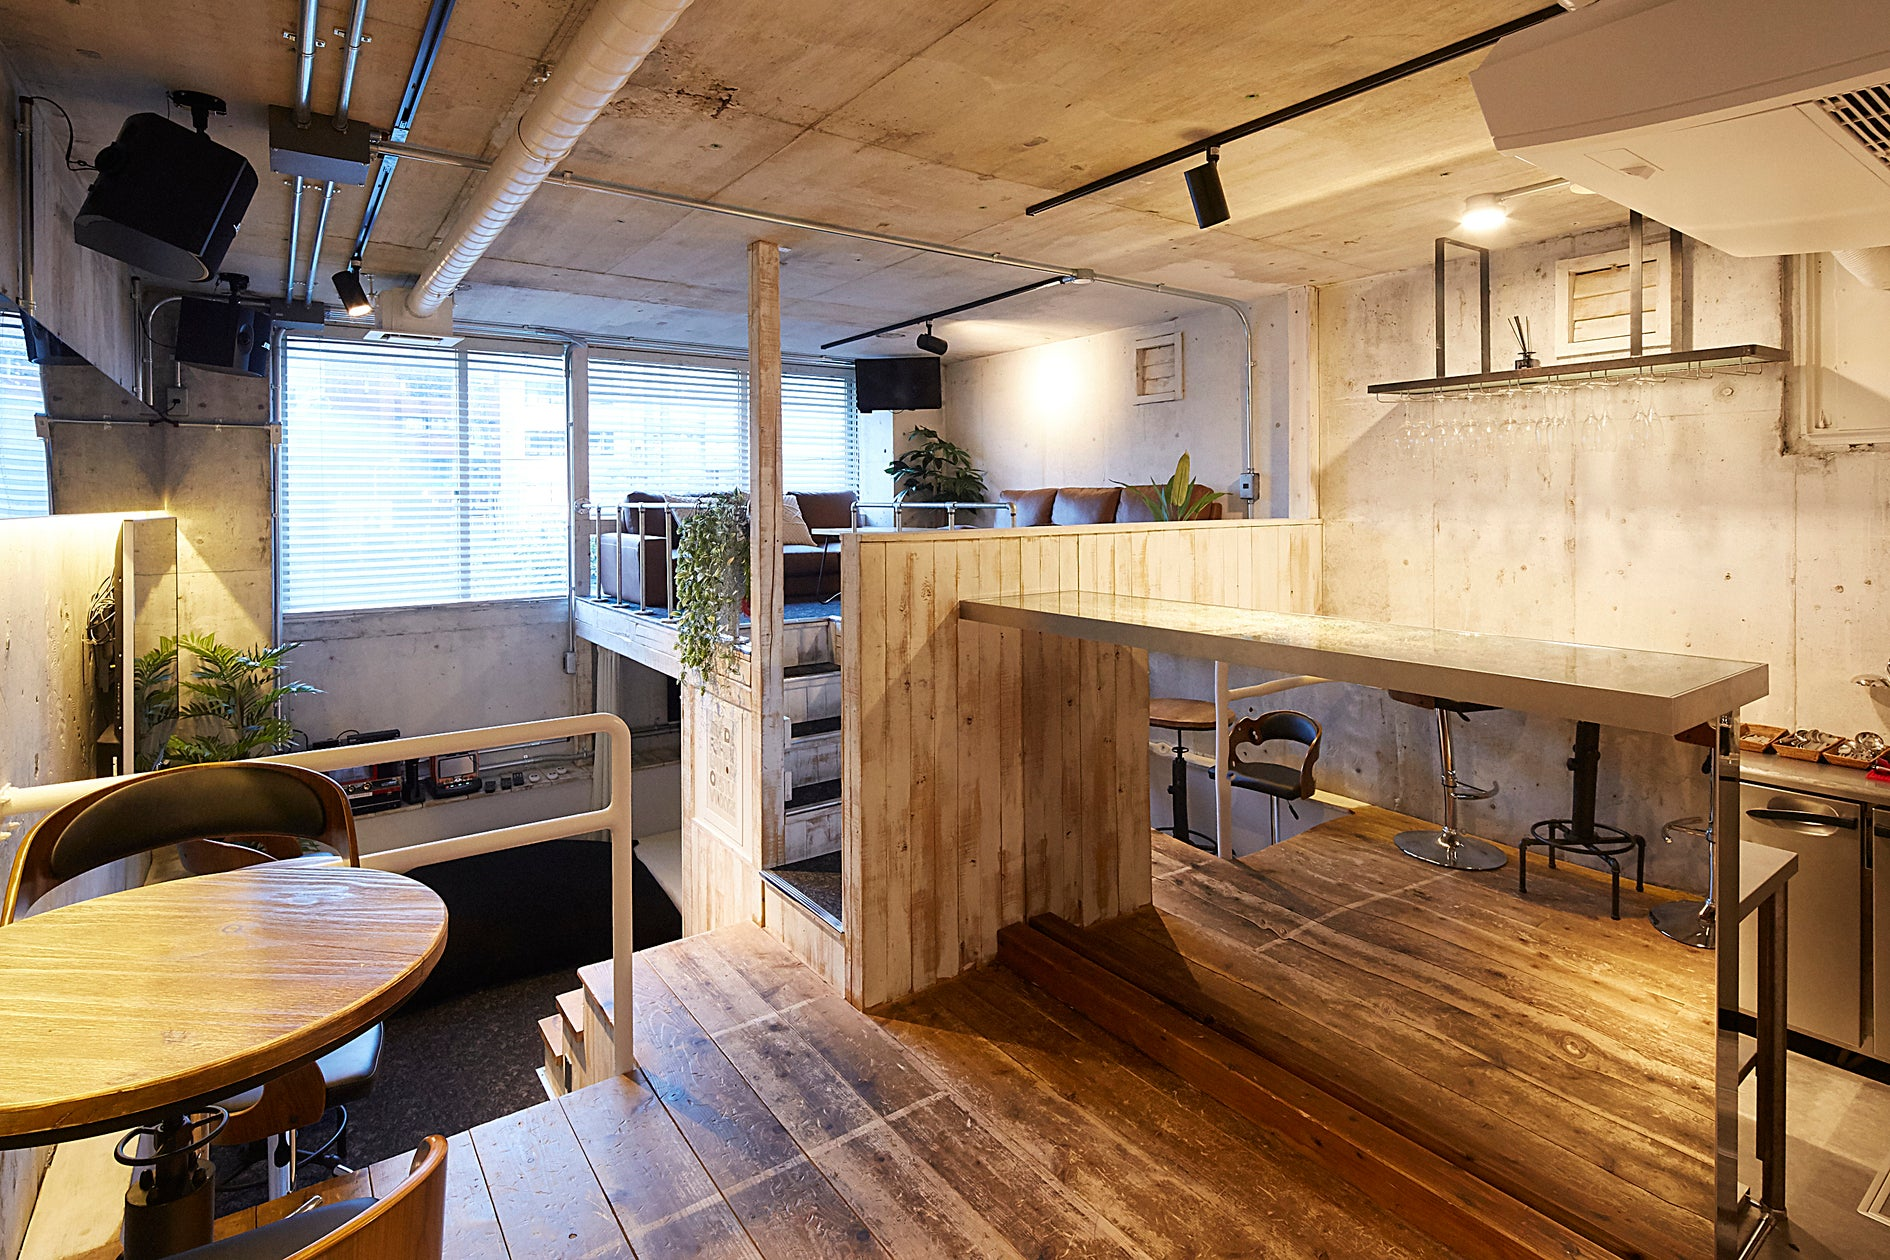 【六本木駅徒歩3分】Lounge-R ANNEX【キッチン付き隠れ家スペース】 の写真